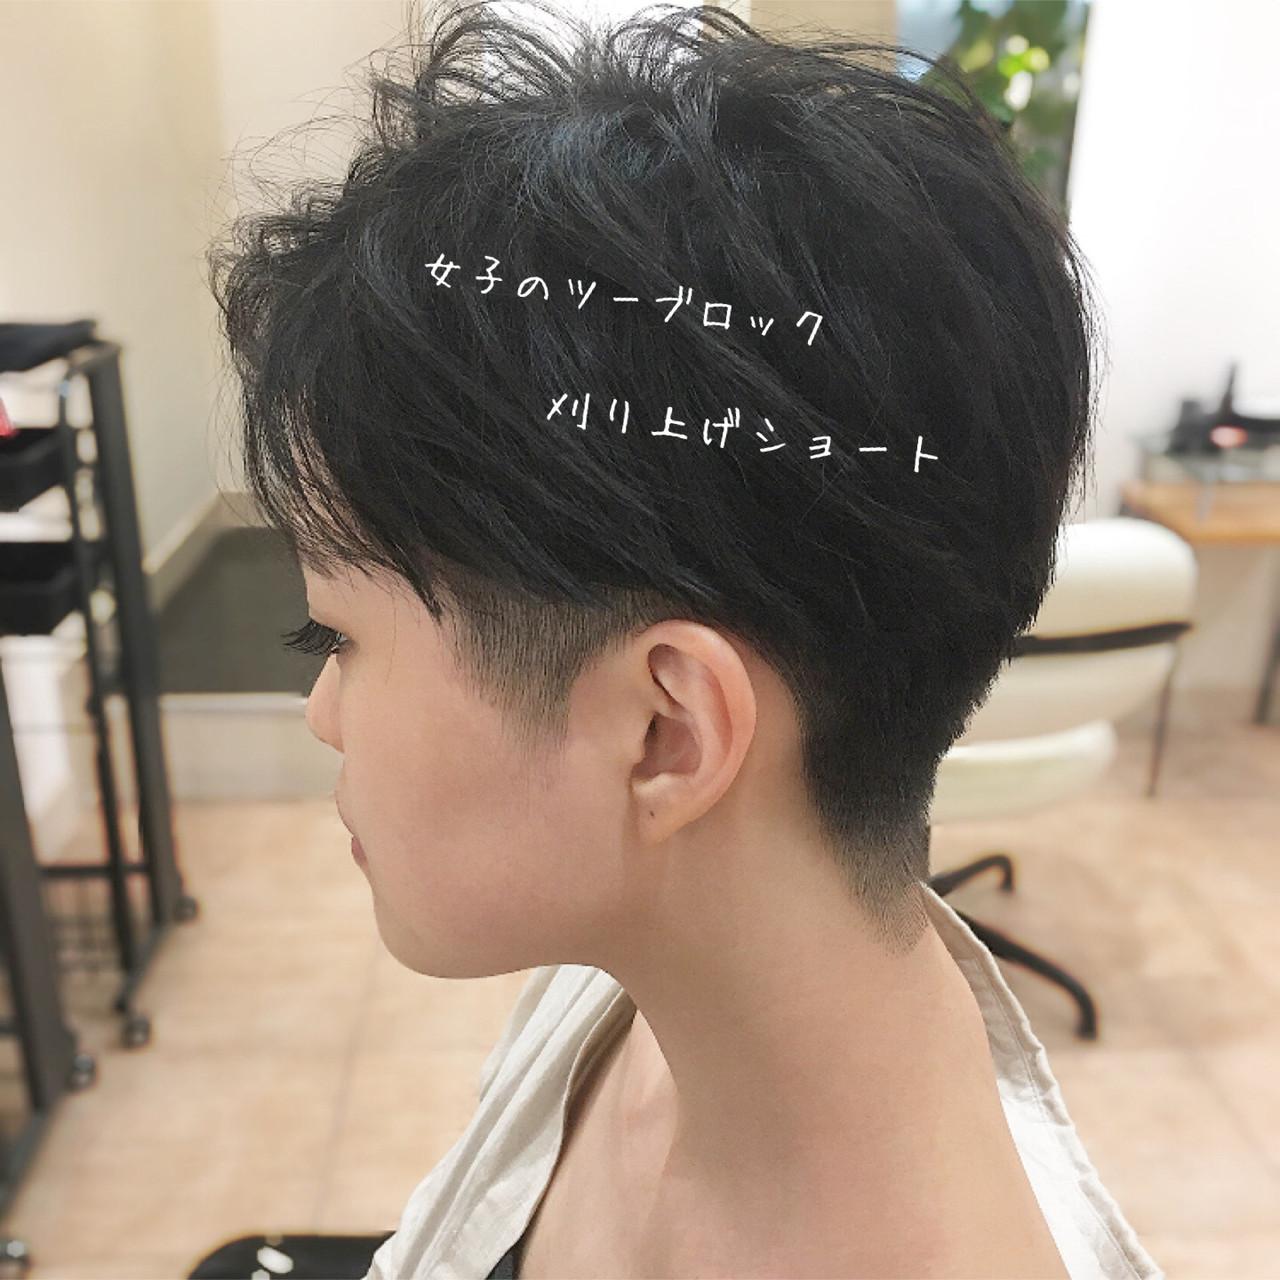 ベリーショート ショート 刈り上げ女子 刈り上げヘアスタイルや髪型の写真・画像